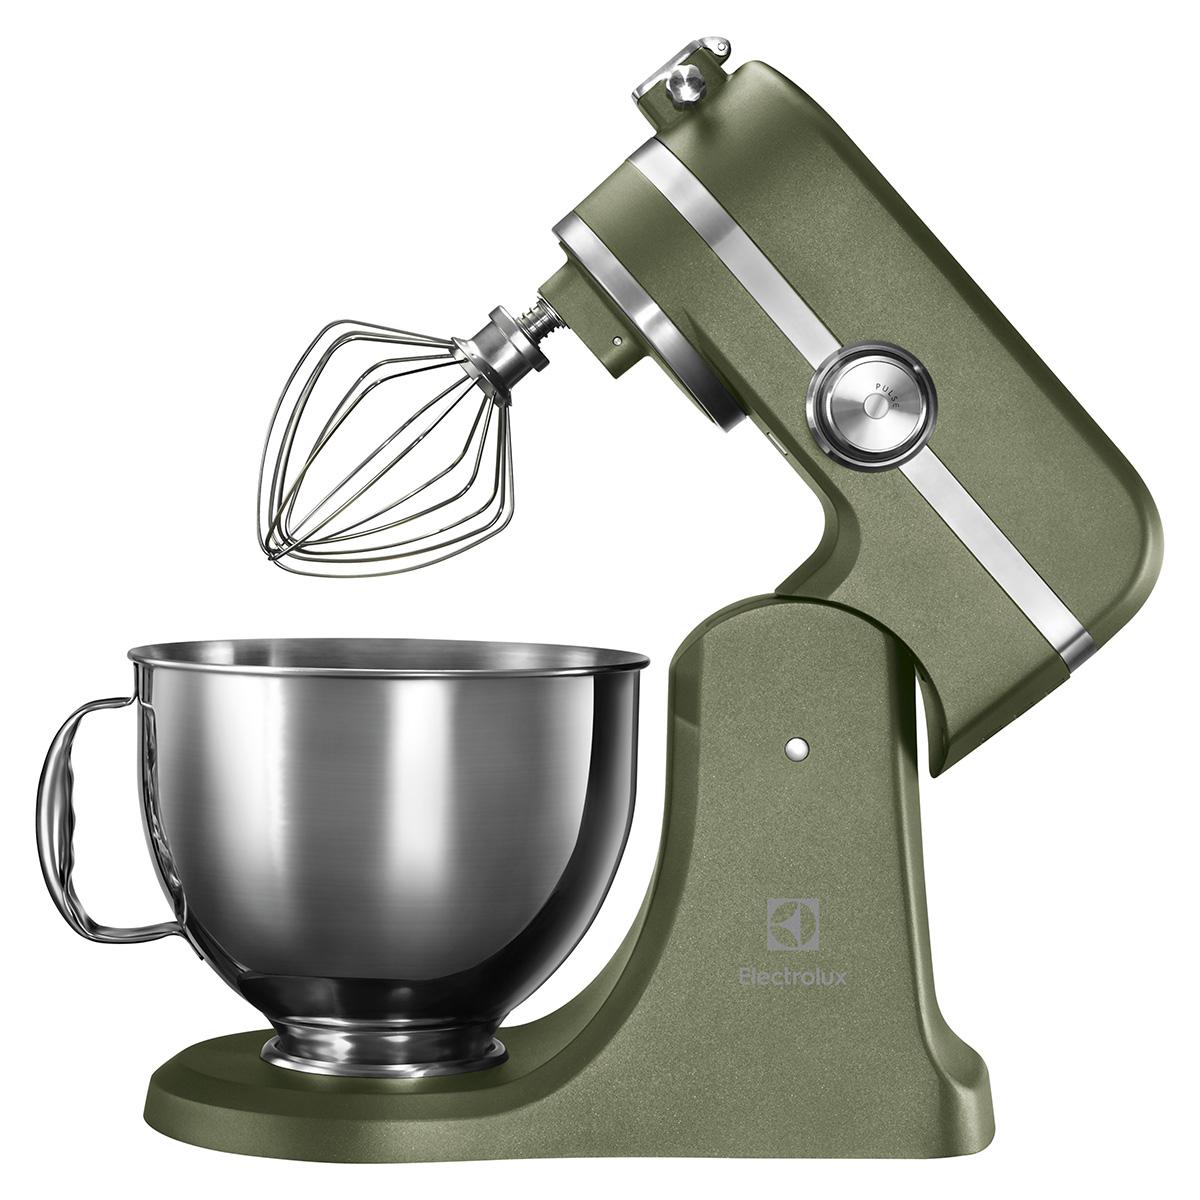 Image of   Electrolux køkkenmaskine - Assistent - Grøn